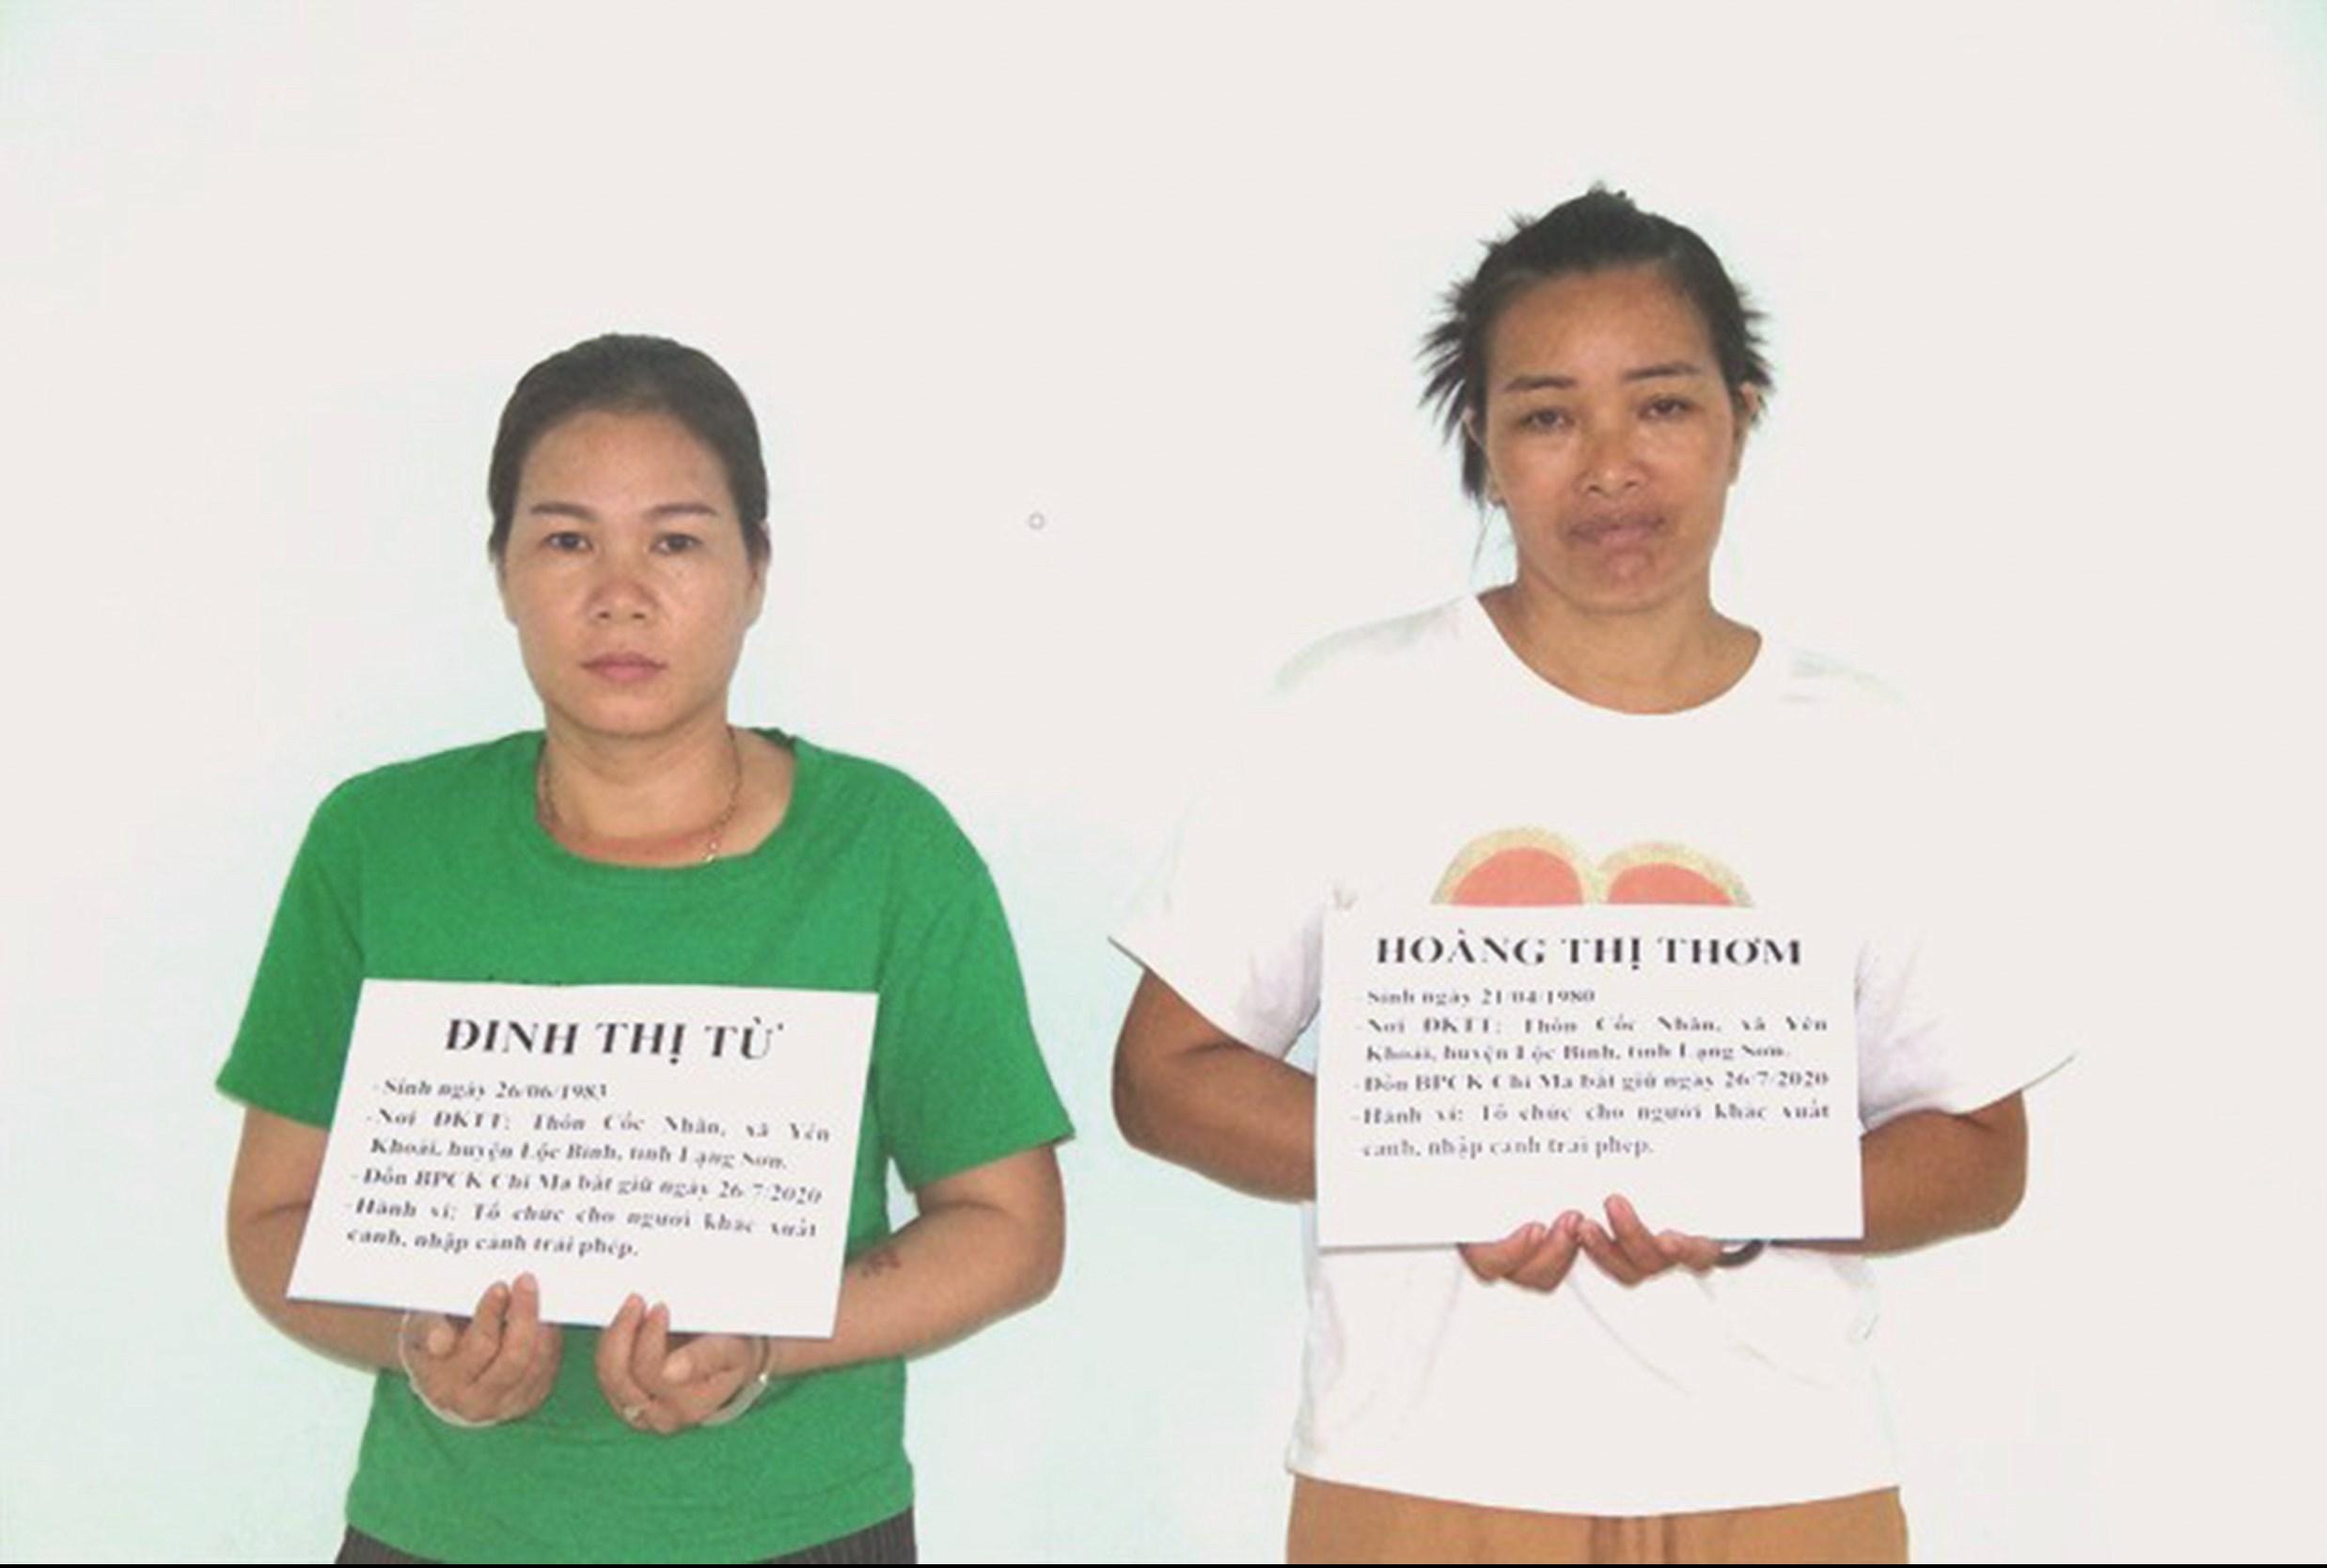 2 đối tượng Hoàng Thị Thơm và Đinh Thị Từ bị bắt giữ về hành vi tổ chức đưa, đón người nhập cảnh trái phép qua biên giới.